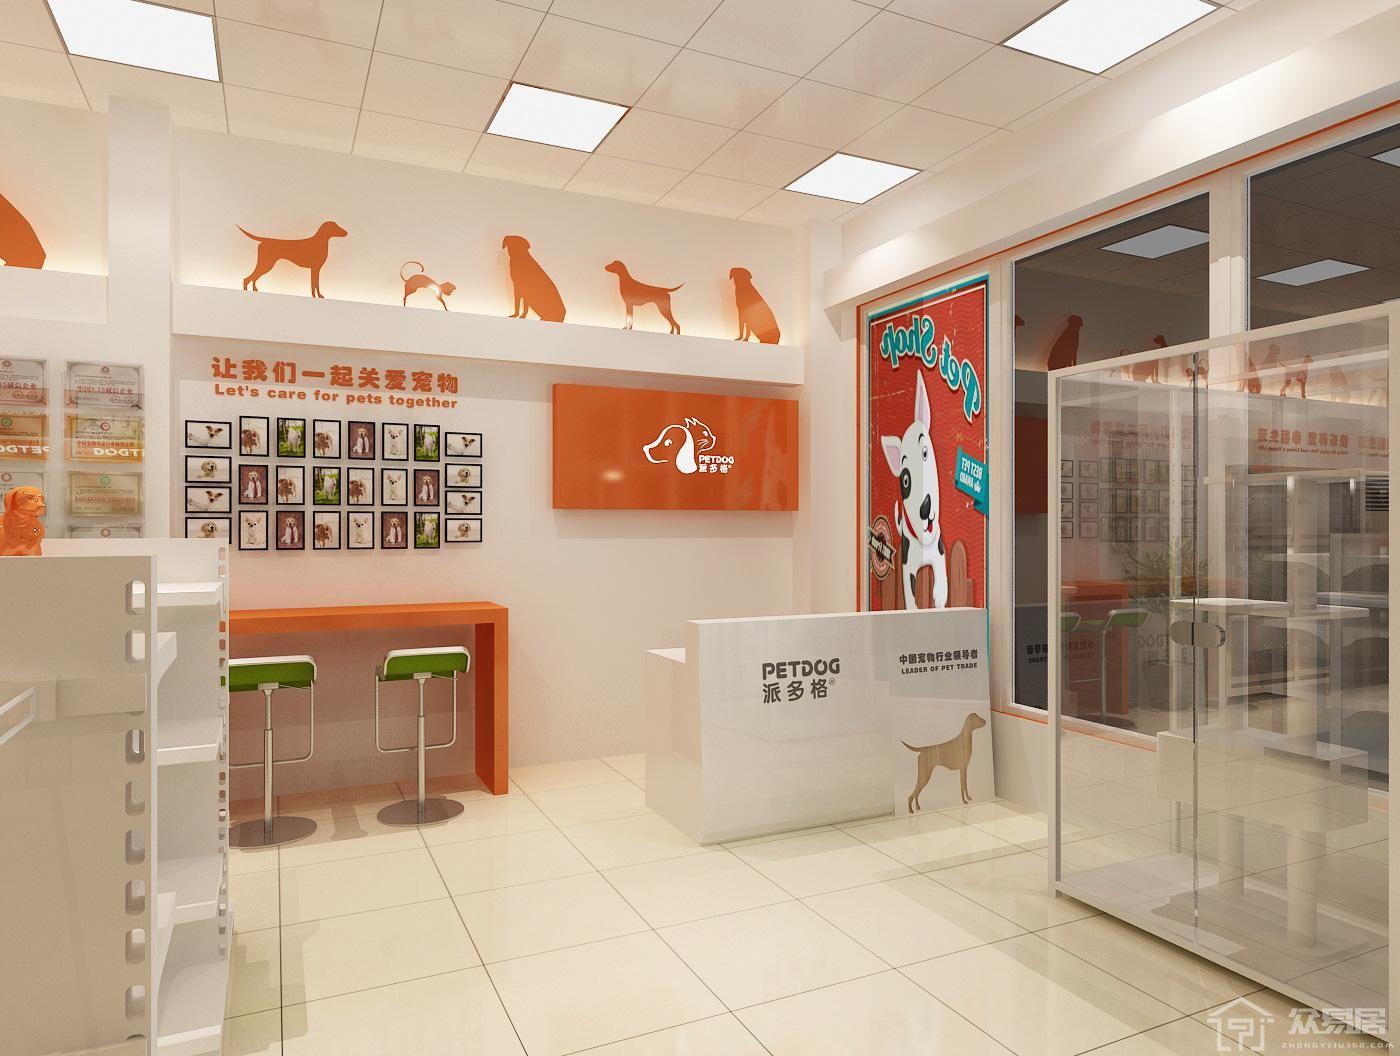 寵物店怎么裝修設計 寵物店裝修要注意什么